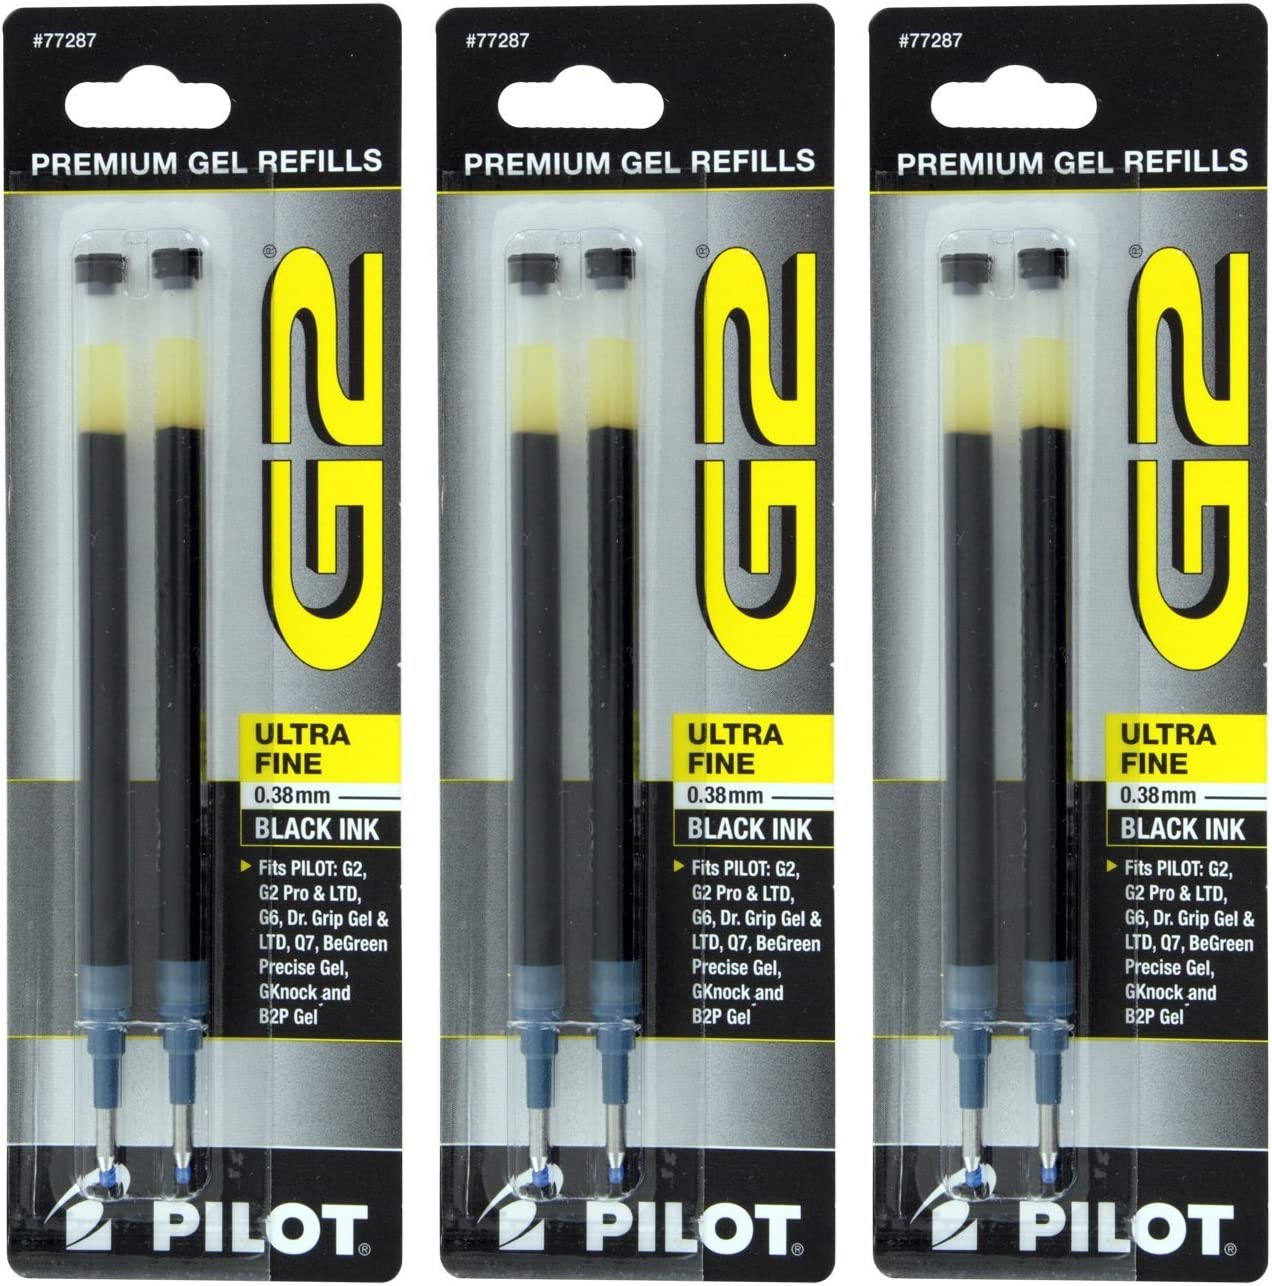 ExecuGel G6 Pilot G2 Dr Q7 Rollerball Gel Ink Pen Refills Black Ink 0.5mm Extra Fine Point Grip Gel//Ltd Pack of 6